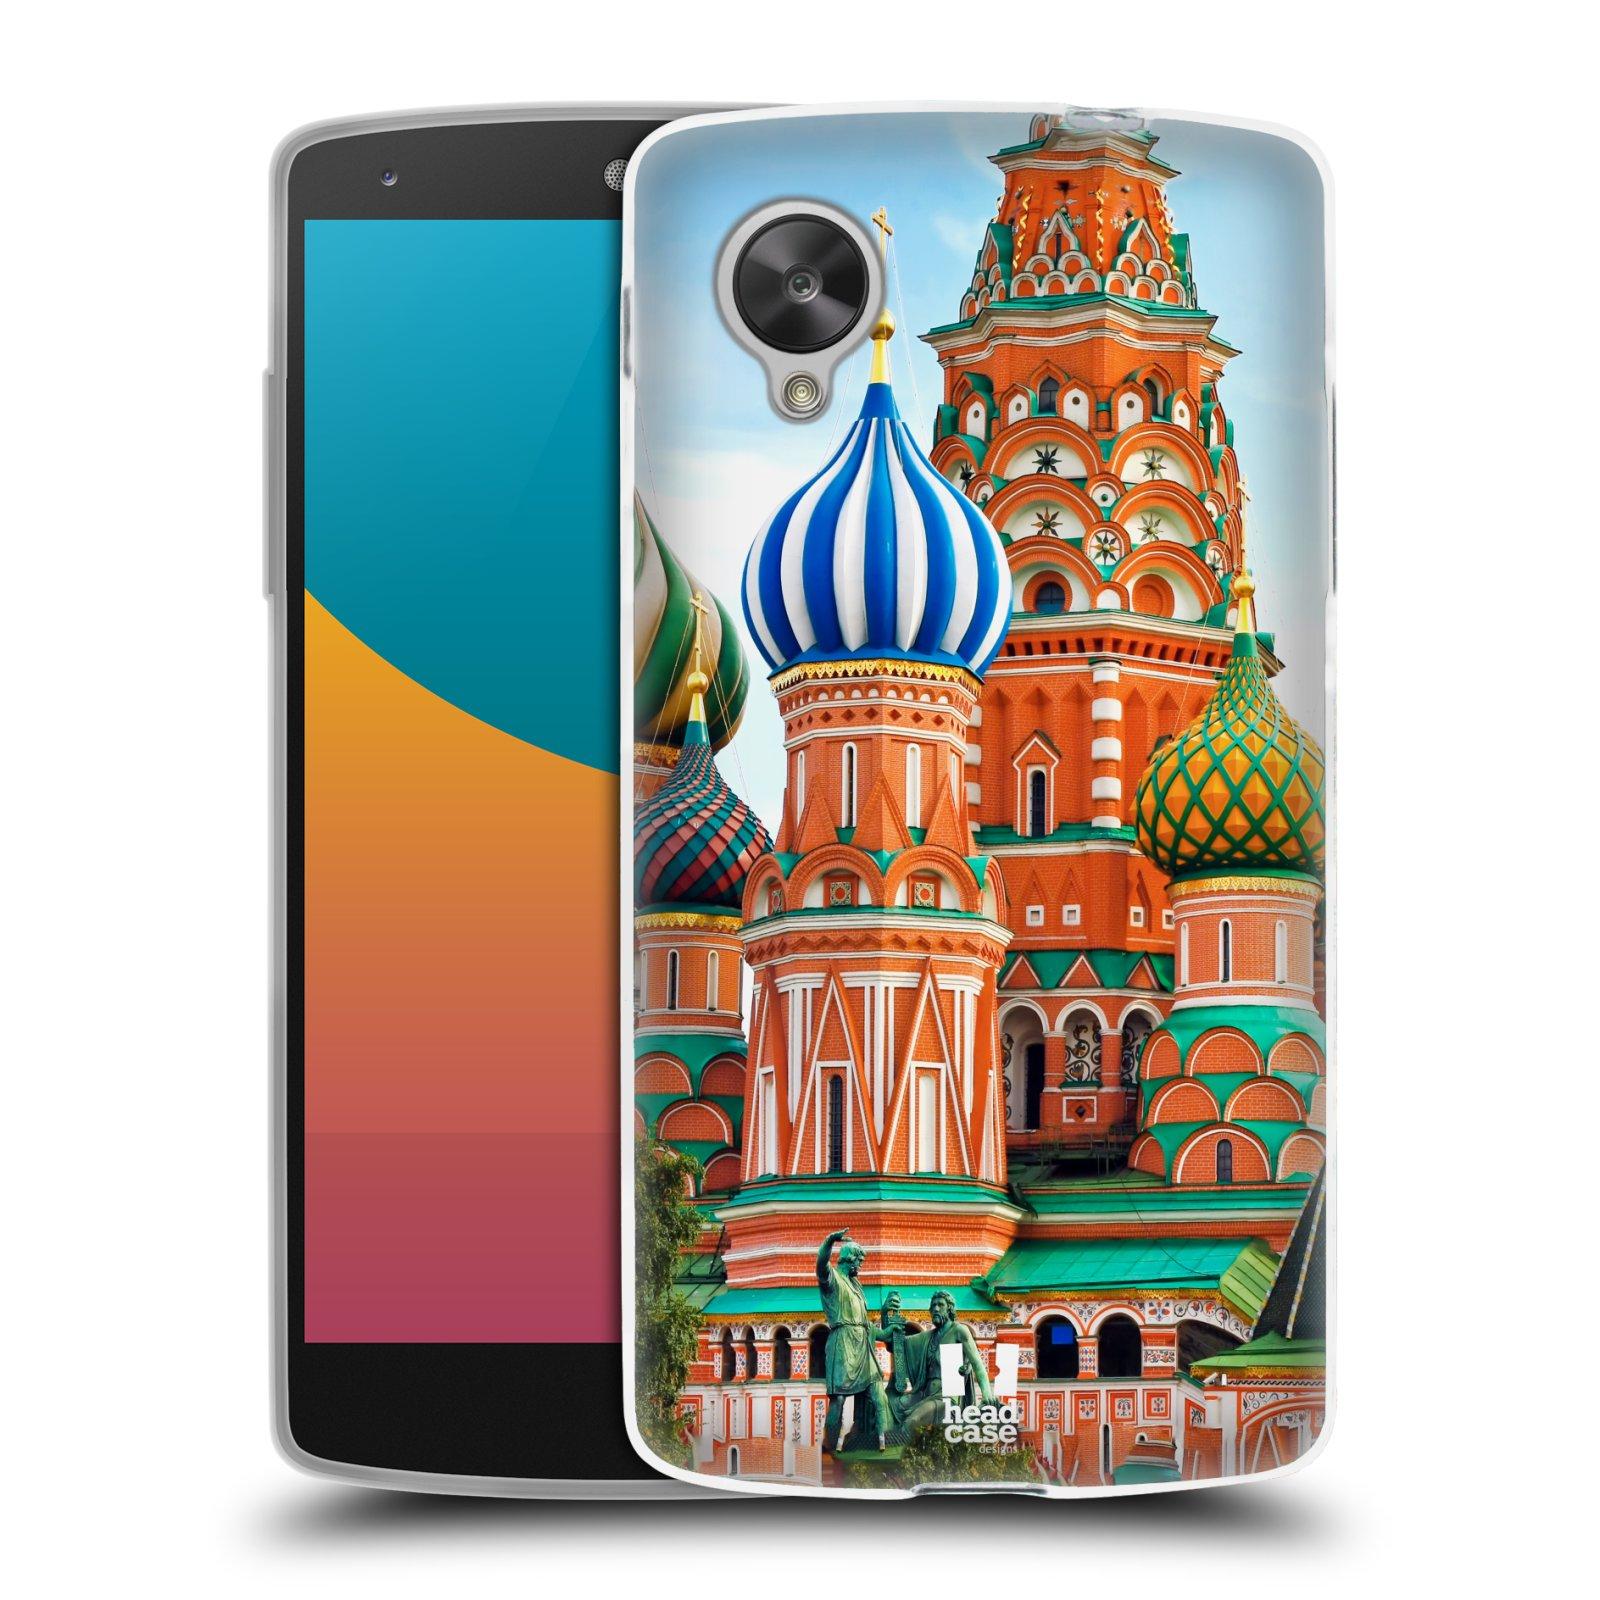 HEAD CASE silikonový obal na mobil LG NEXUS 5 (D821) vzor Města foto náměstí RUSKO,MOSKVA, RUDÉ NÁMĚSTÍ